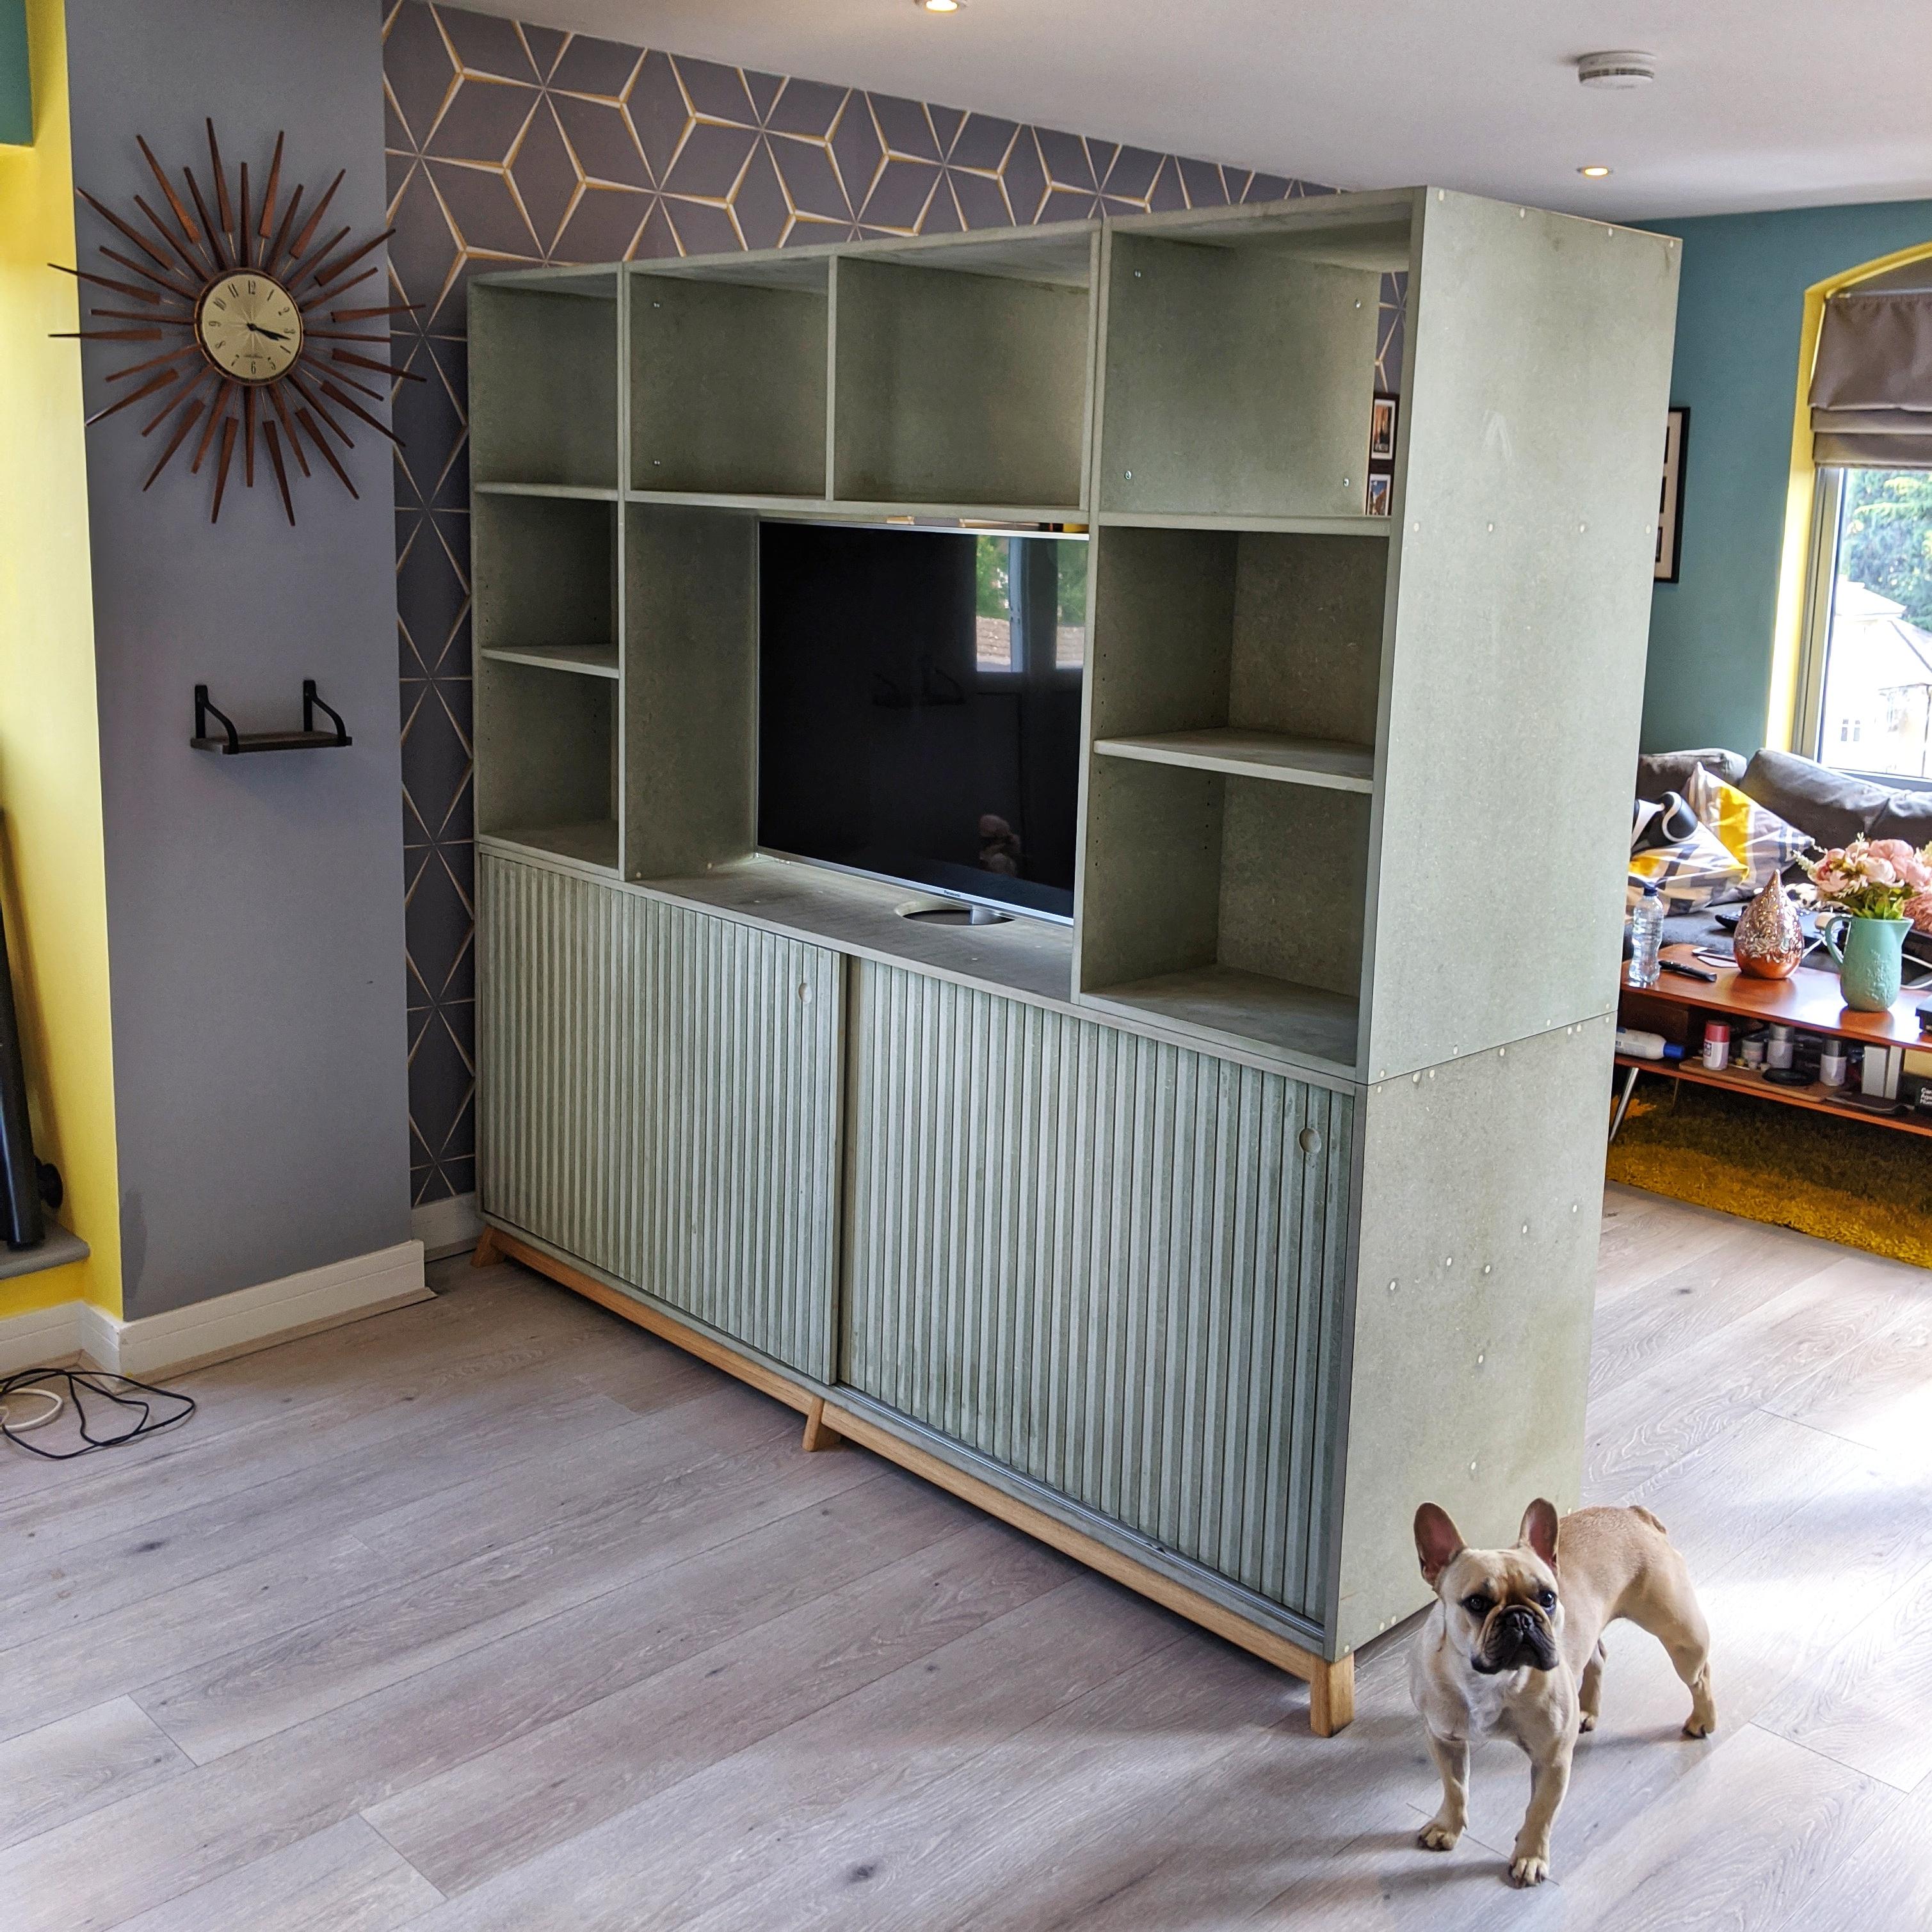 Room divider_TV cabinet